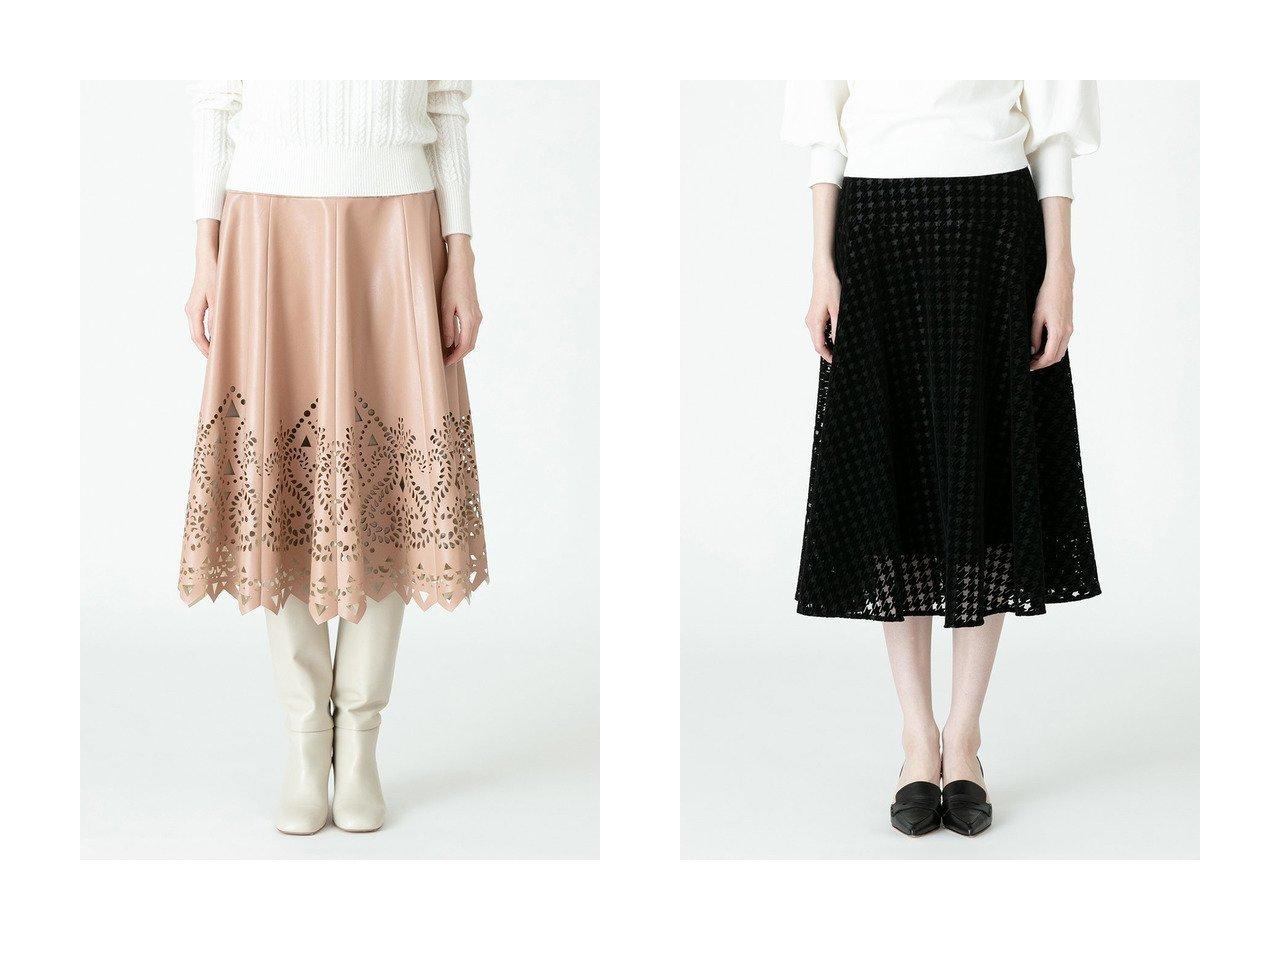 【allureville/アルアバイル】の【LOULOU WILLOUGHBY】フェイクレザーパンチングスカート&【LOULOU WILLOUGHBY】フロッキー千鳥フレアースカート 【スカート】おすすめ!人気、トレンド・レディースファッションの通販   おすすめで人気の流行・トレンド、ファッションの通販商品 インテリア・家具・メンズファッション・キッズファッション・レディースファッション・服の通販 founy(ファニー) https://founy.com/ ファッション Fashion レディースファッション WOMEN スカート Skirt 2020年 2020 2020-2021秋冬・A/W AW・Autumn/Winter・FW・Fall-Winter/2020-2021 2021年 2021 2021-2022秋冬・A/W AW・Autumn/Winter・FW・Fall-Winter・2021-2022 A/W・秋冬 AW・Autumn/Winter・FW・Fall-Winter バランス フレア フレアースカート シンプル フェイクレザー レース  ID:crp329100000065909